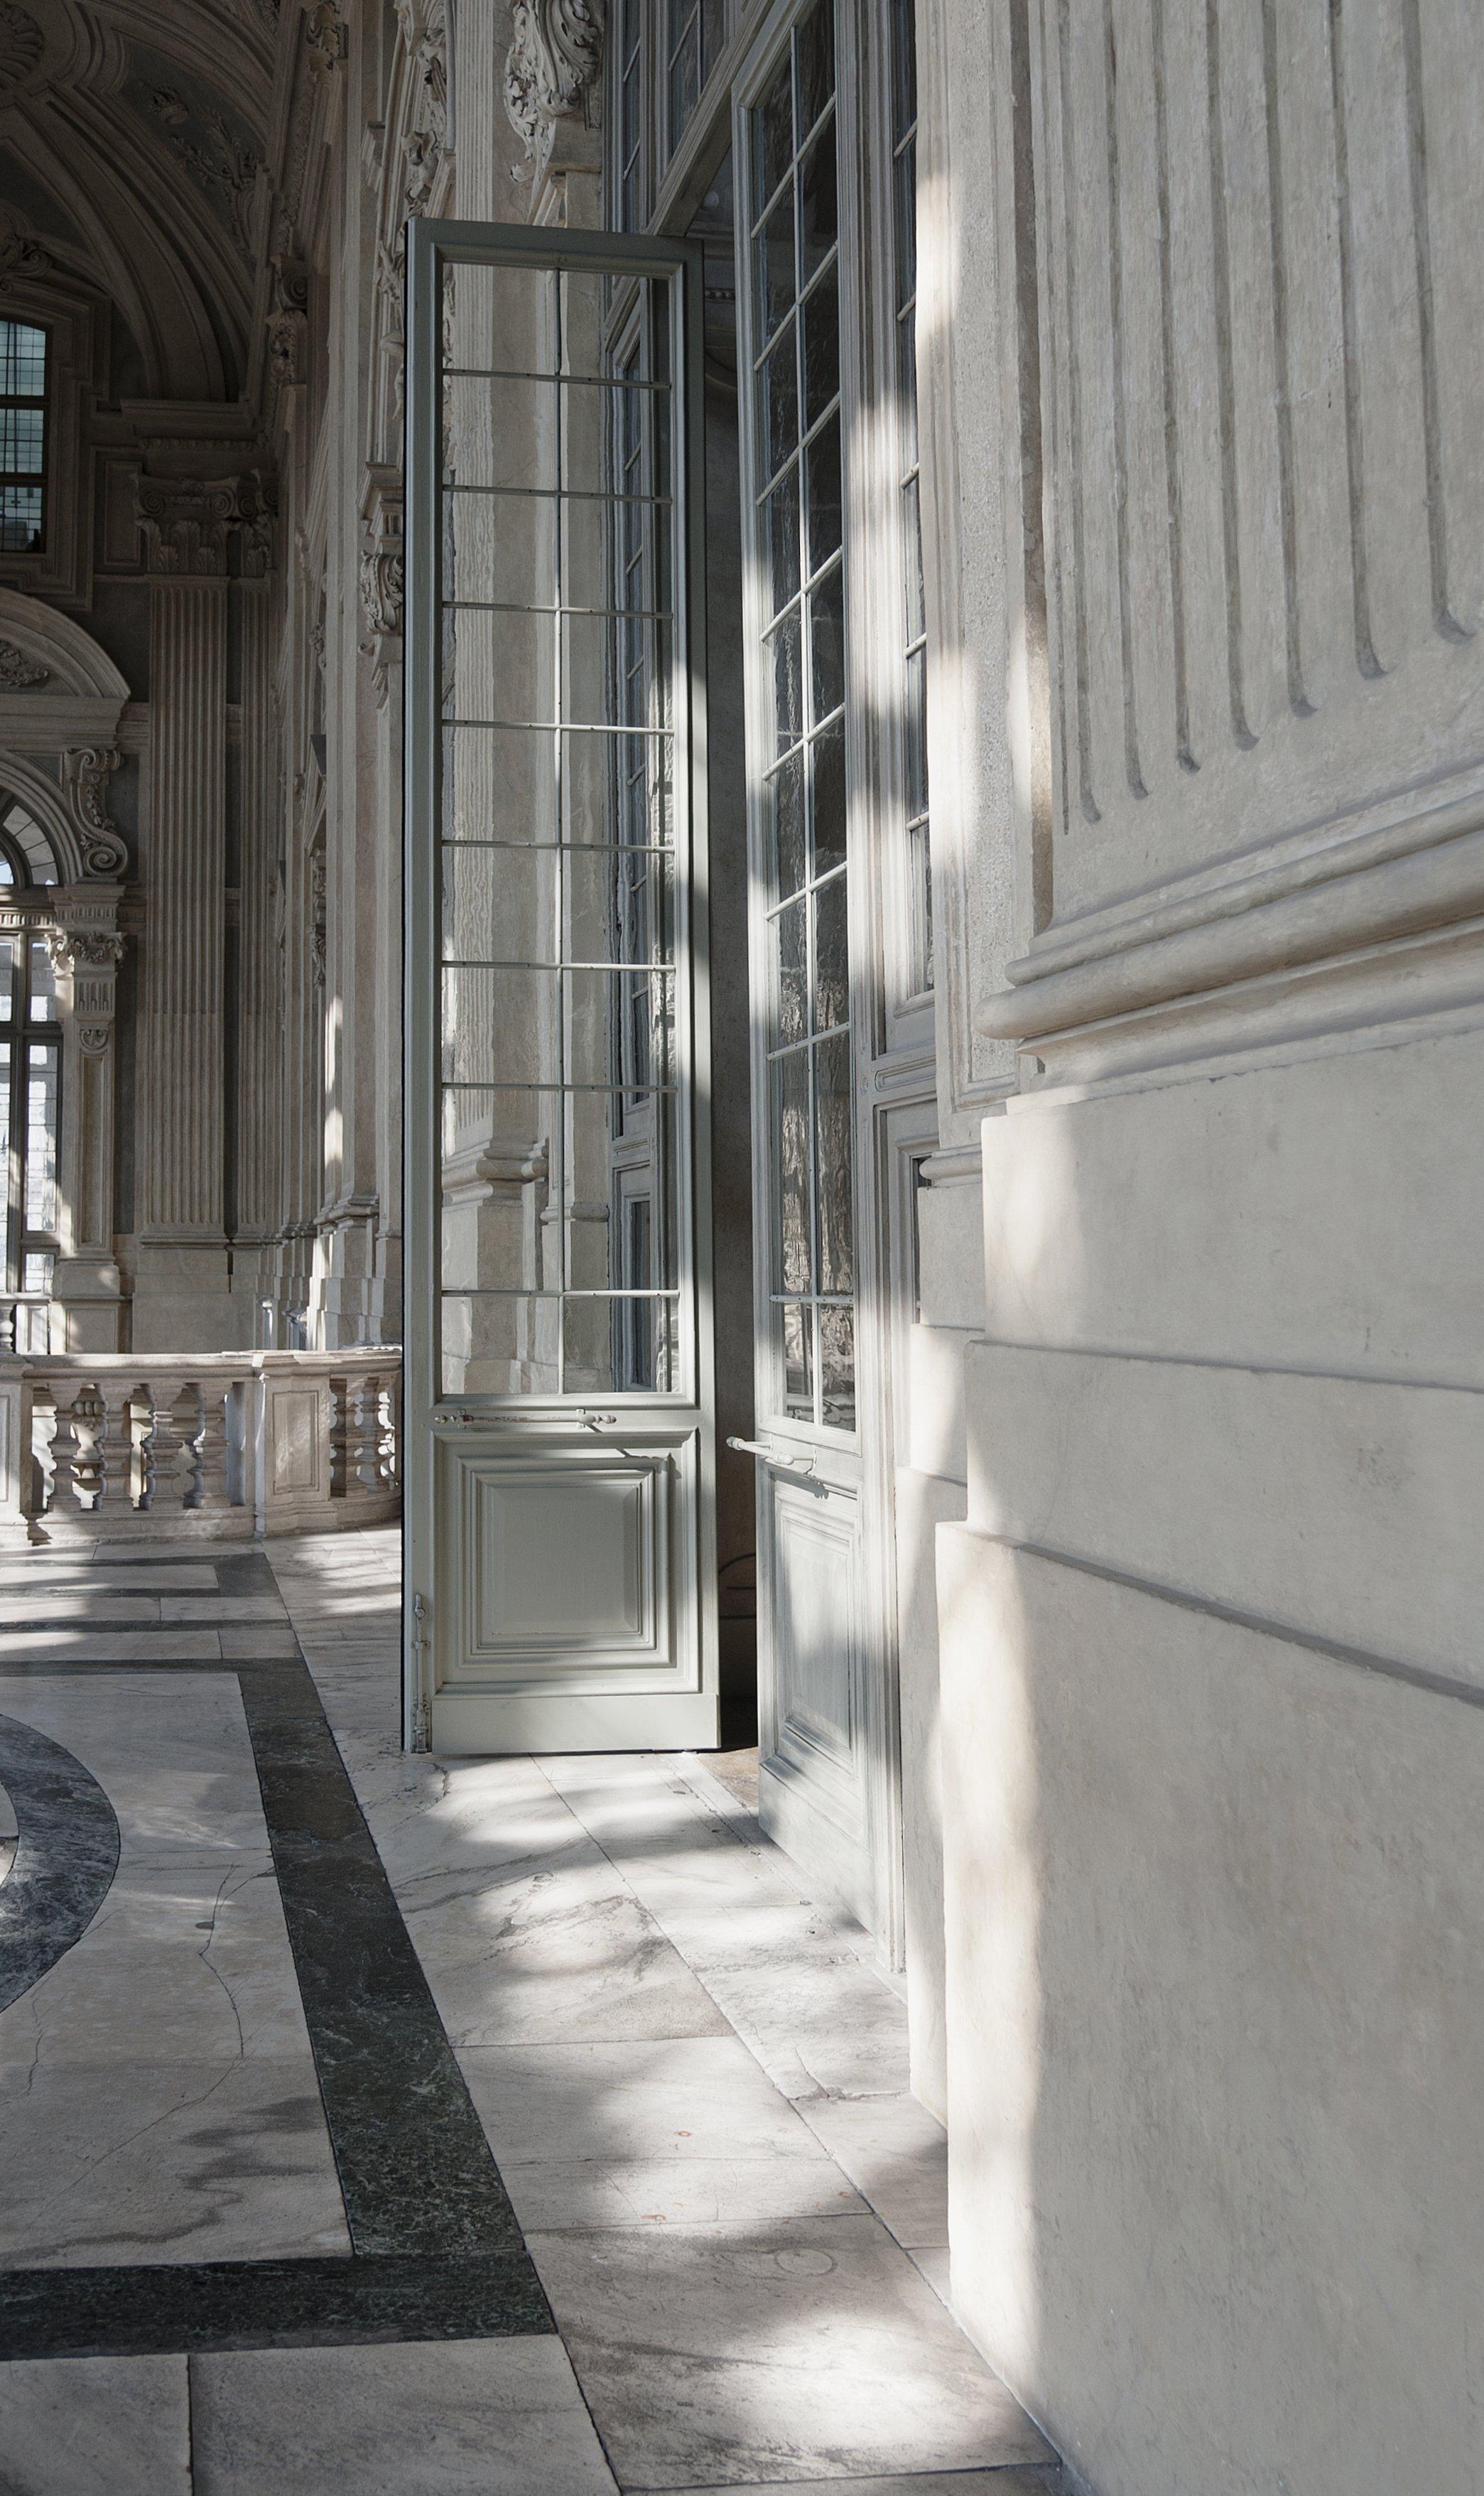 antique-pivot-doors-with-fritsjurgens-inside-close-up-view.jpg